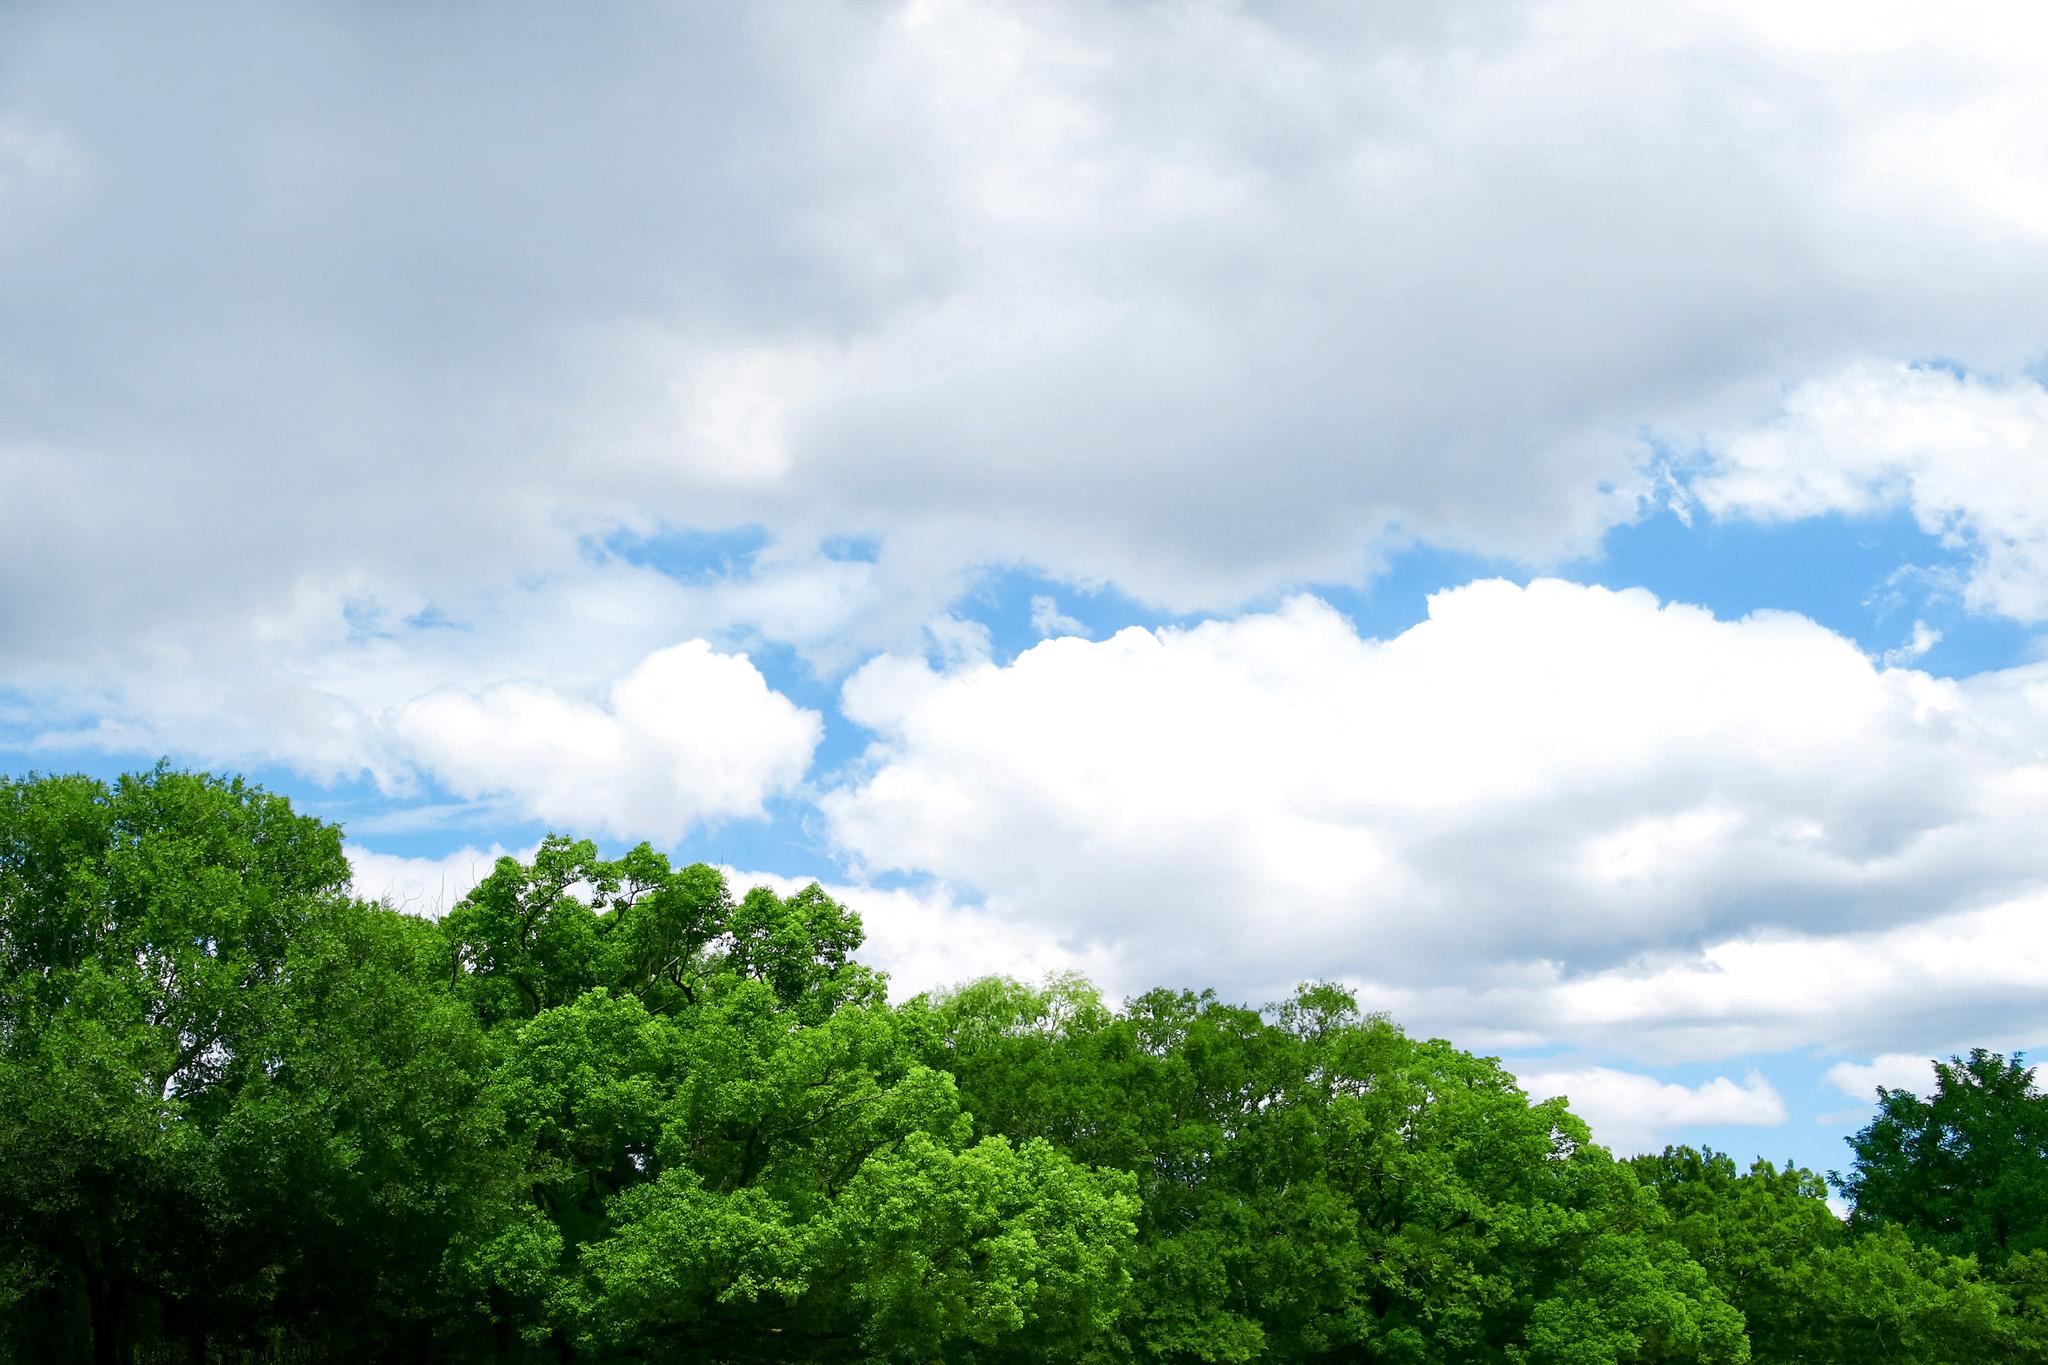 「樹木」の素材を無料ダウンロード